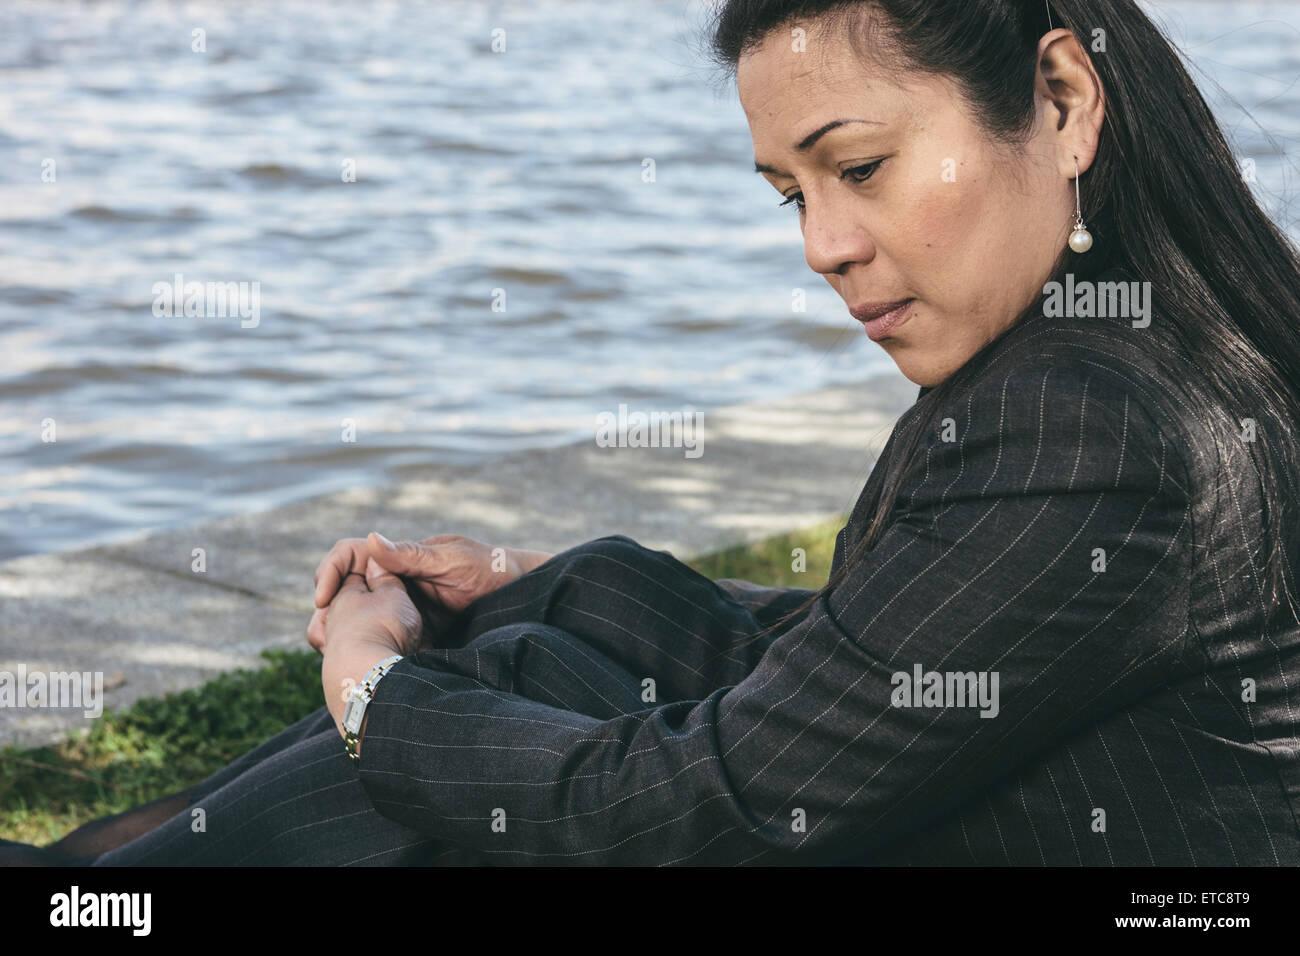 Ritratto di una donna transexual in pensieroso pongono Foto Stock